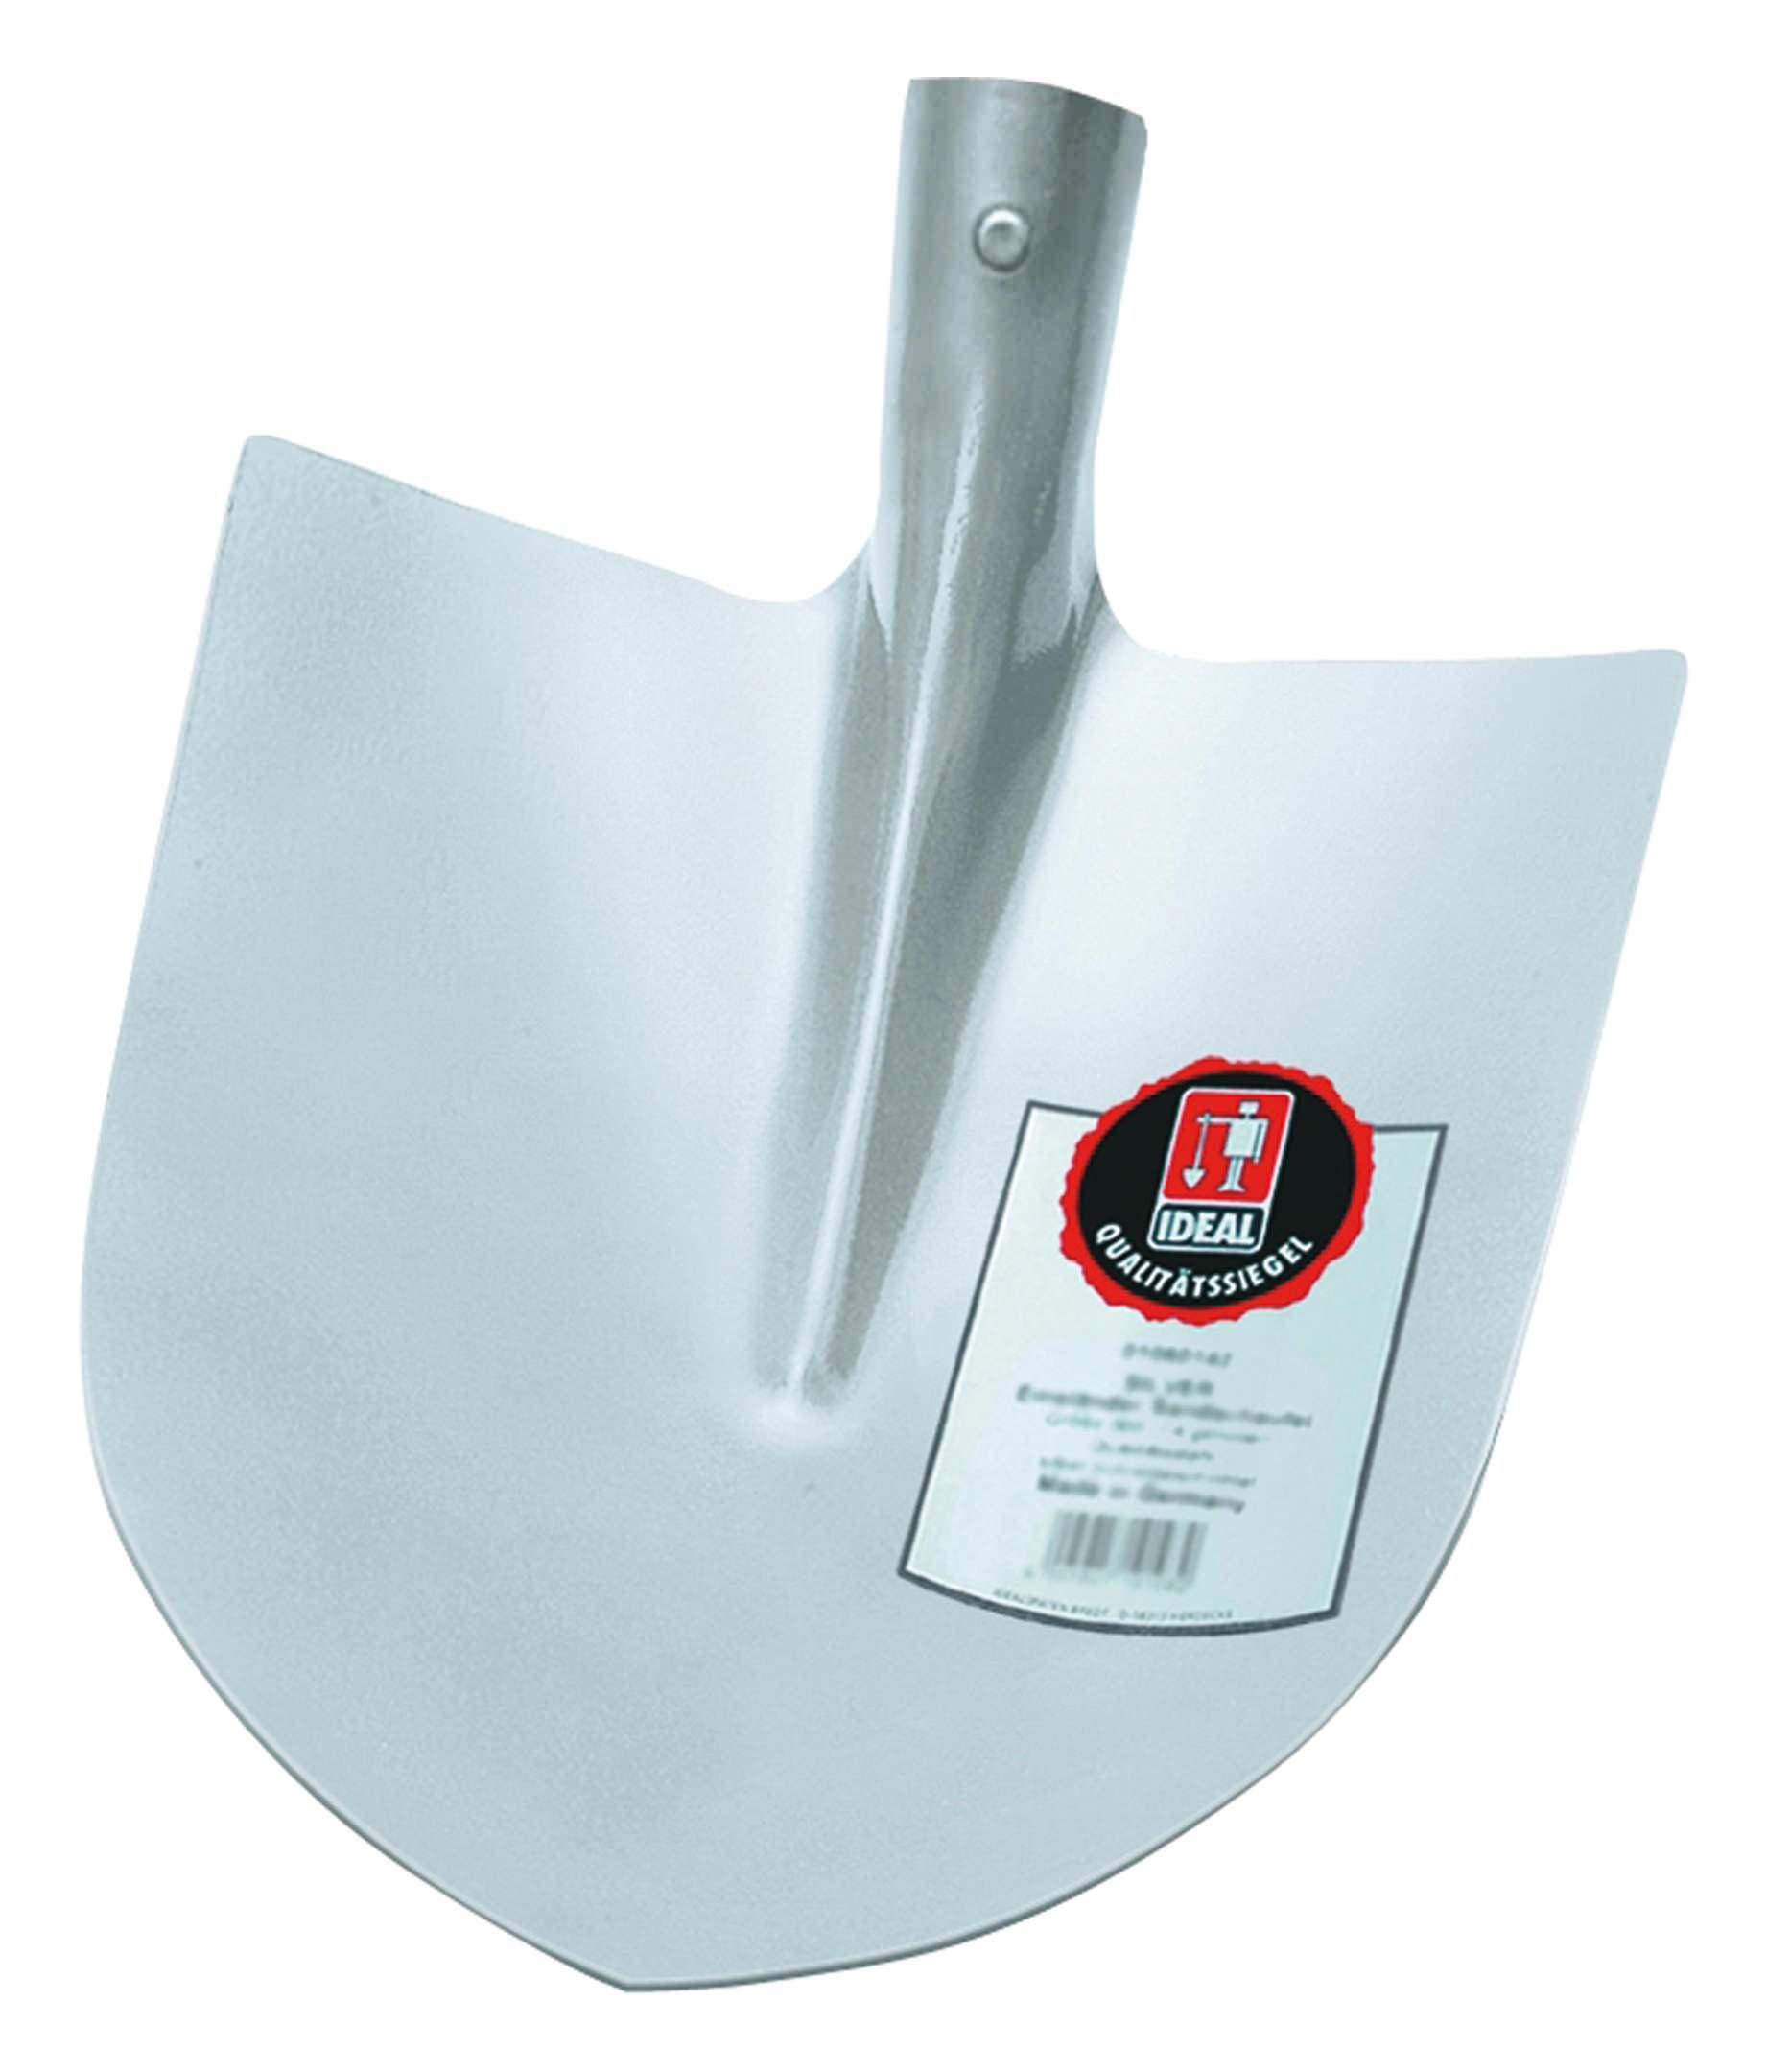 Idealspaten Ideal Frankfurter Schaufel silber Größe 5 - 00010500